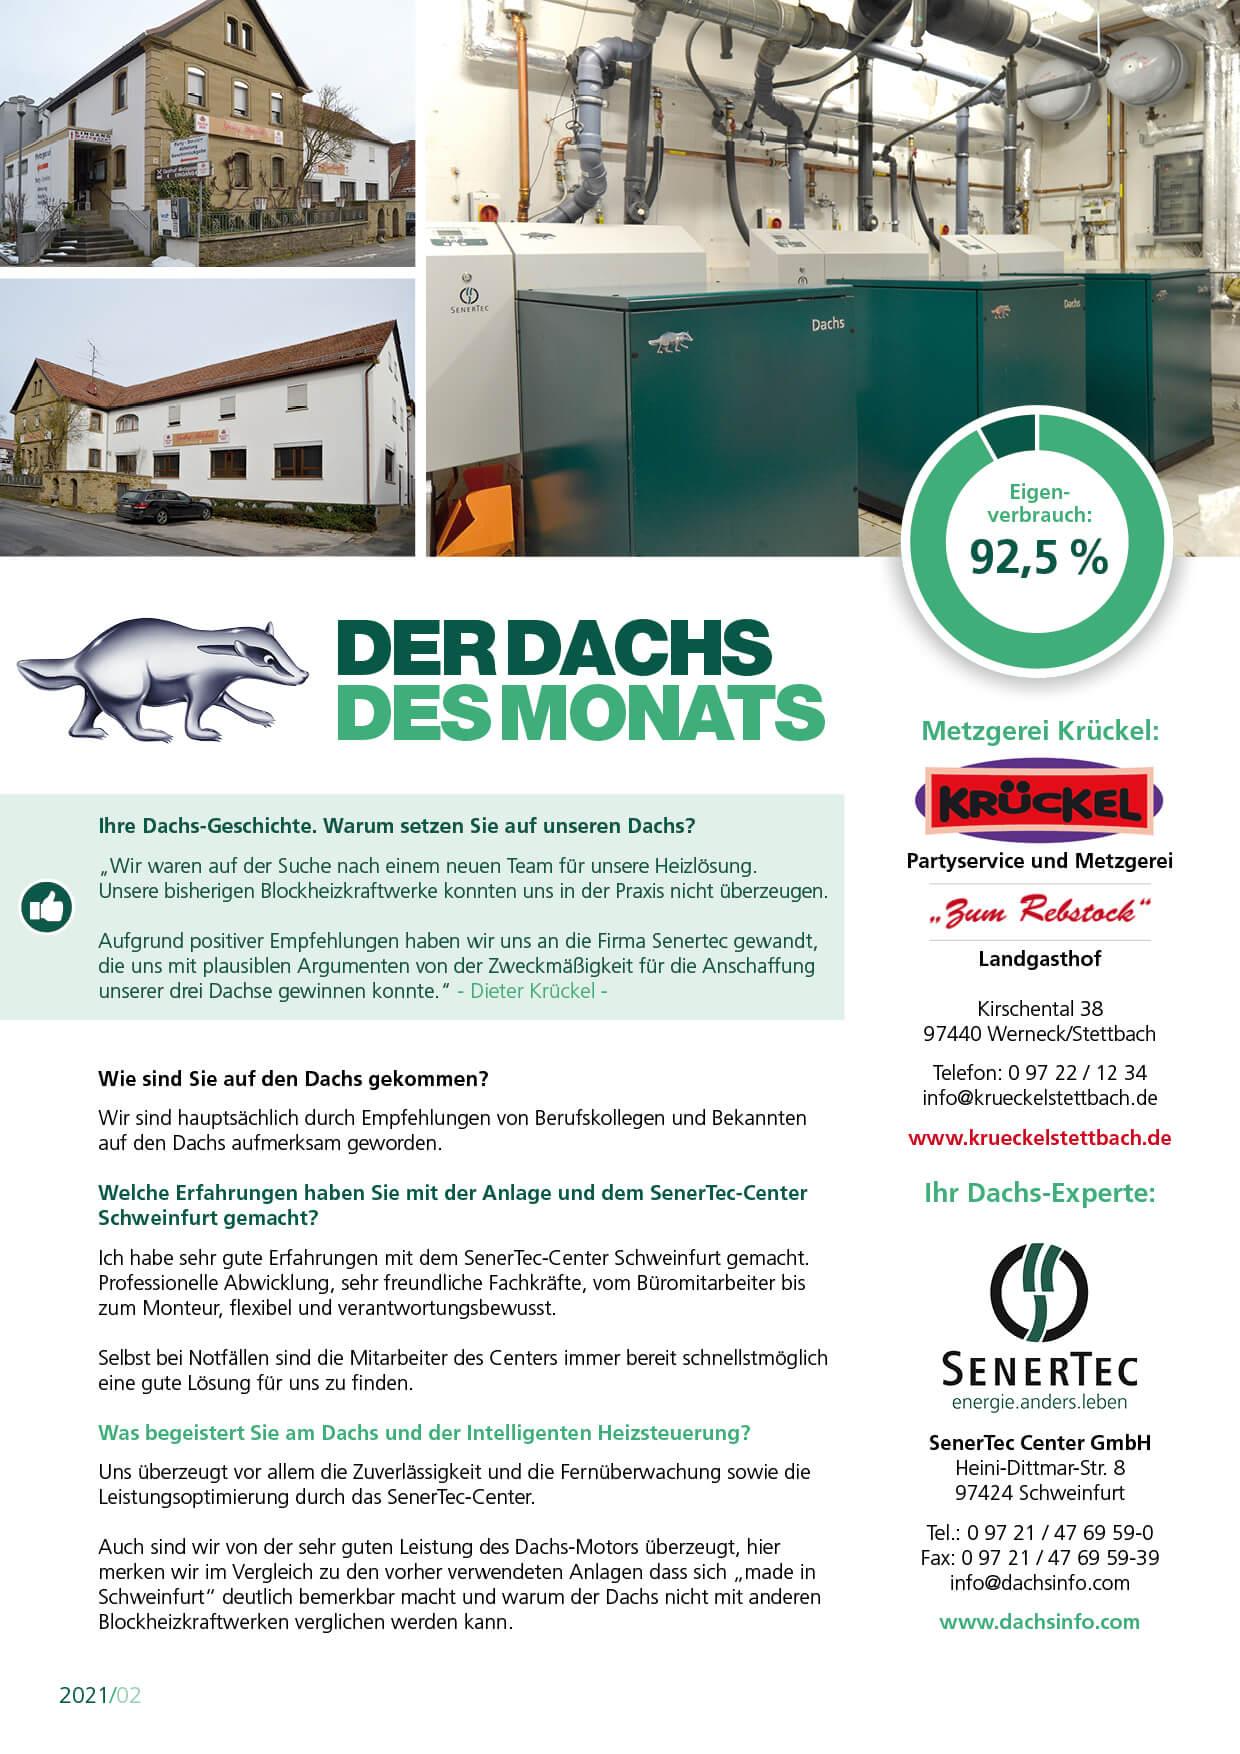 Die Metzgerei Krückel ist der Dachs des Monats Februar des SenerTec Centers Schweinfurt